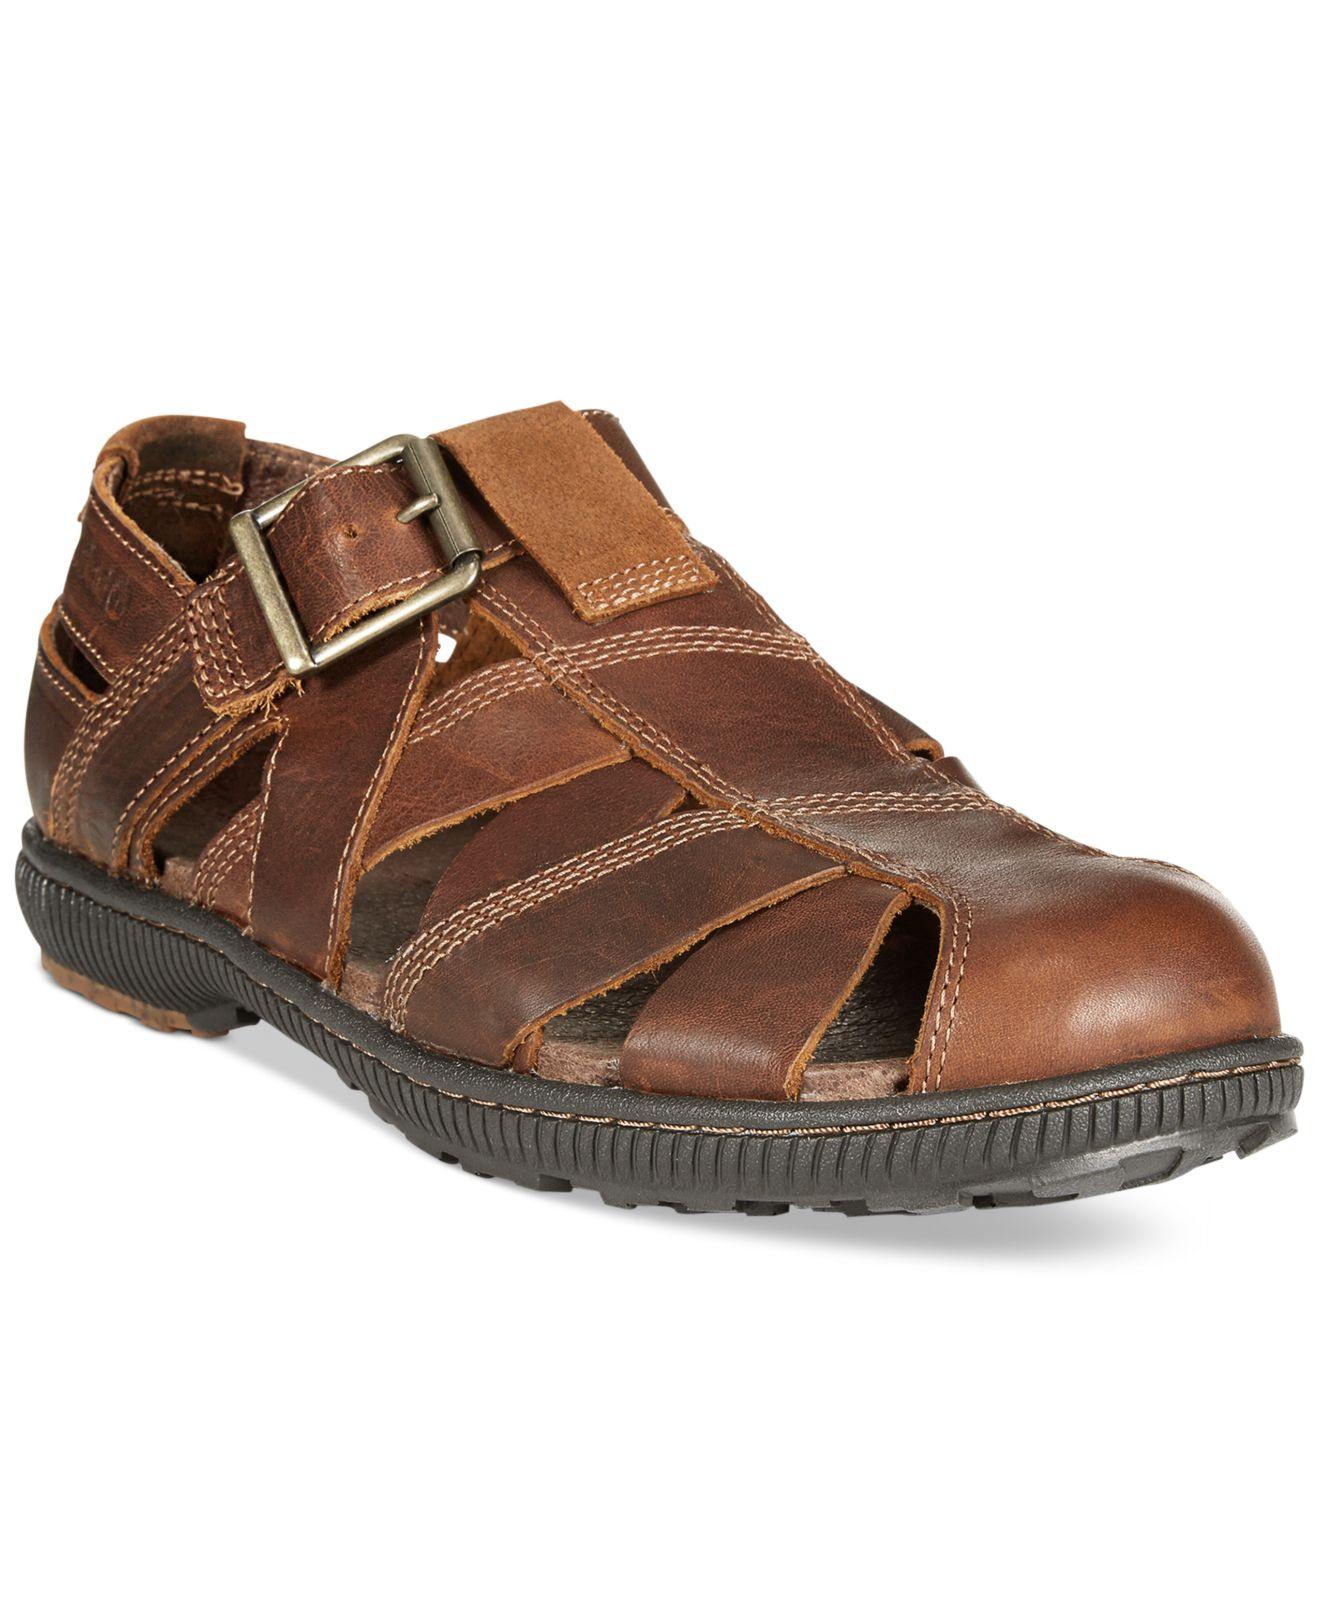 timberland hollbrook fisherman sandals in brown for men lyst. Black Bedroom Furniture Sets. Home Design Ideas